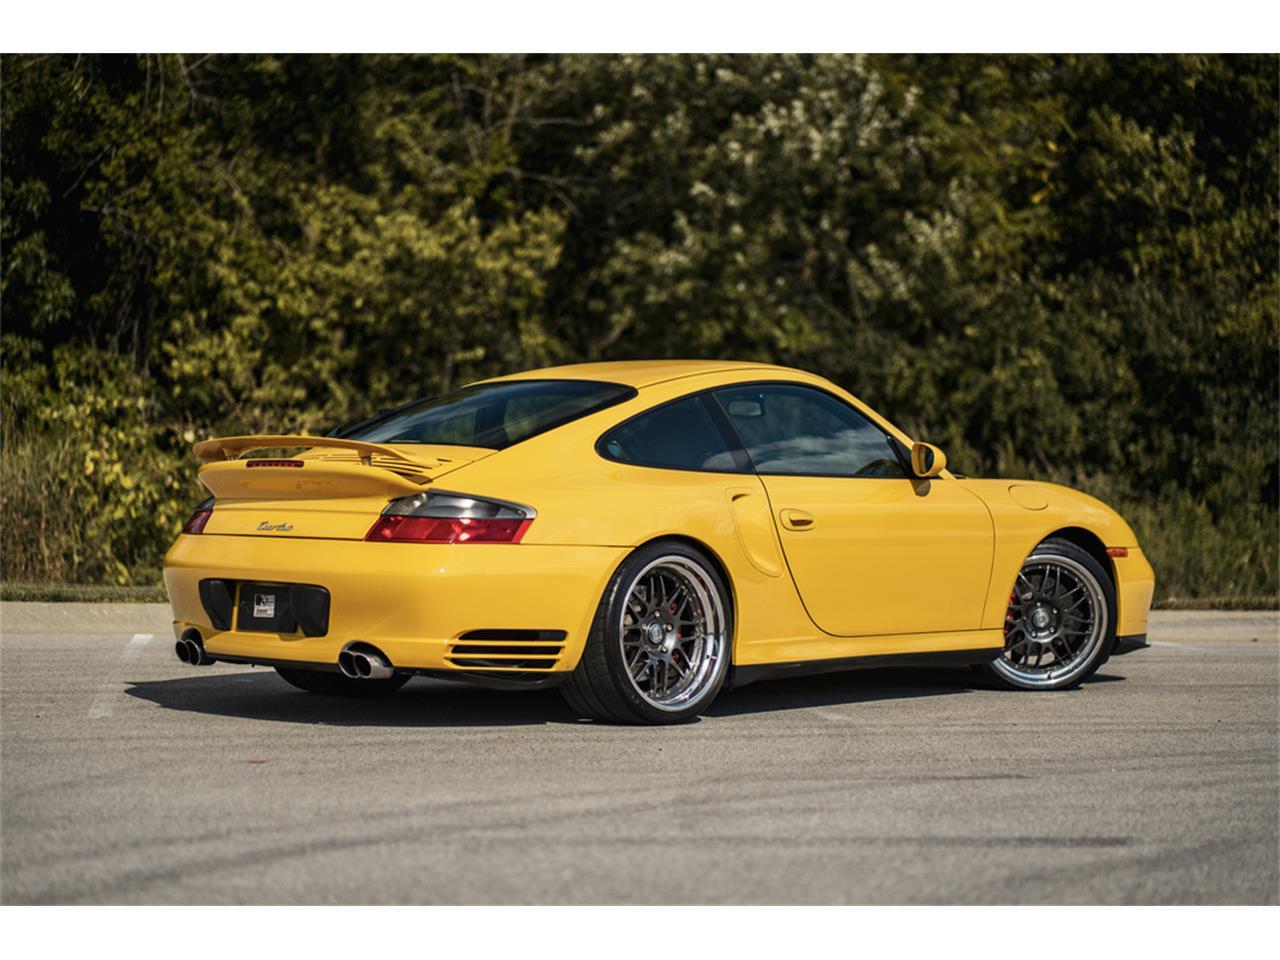 2002 Porsche 911 Turbo (CC-1257806) for sale in Las Vegas, Nevada